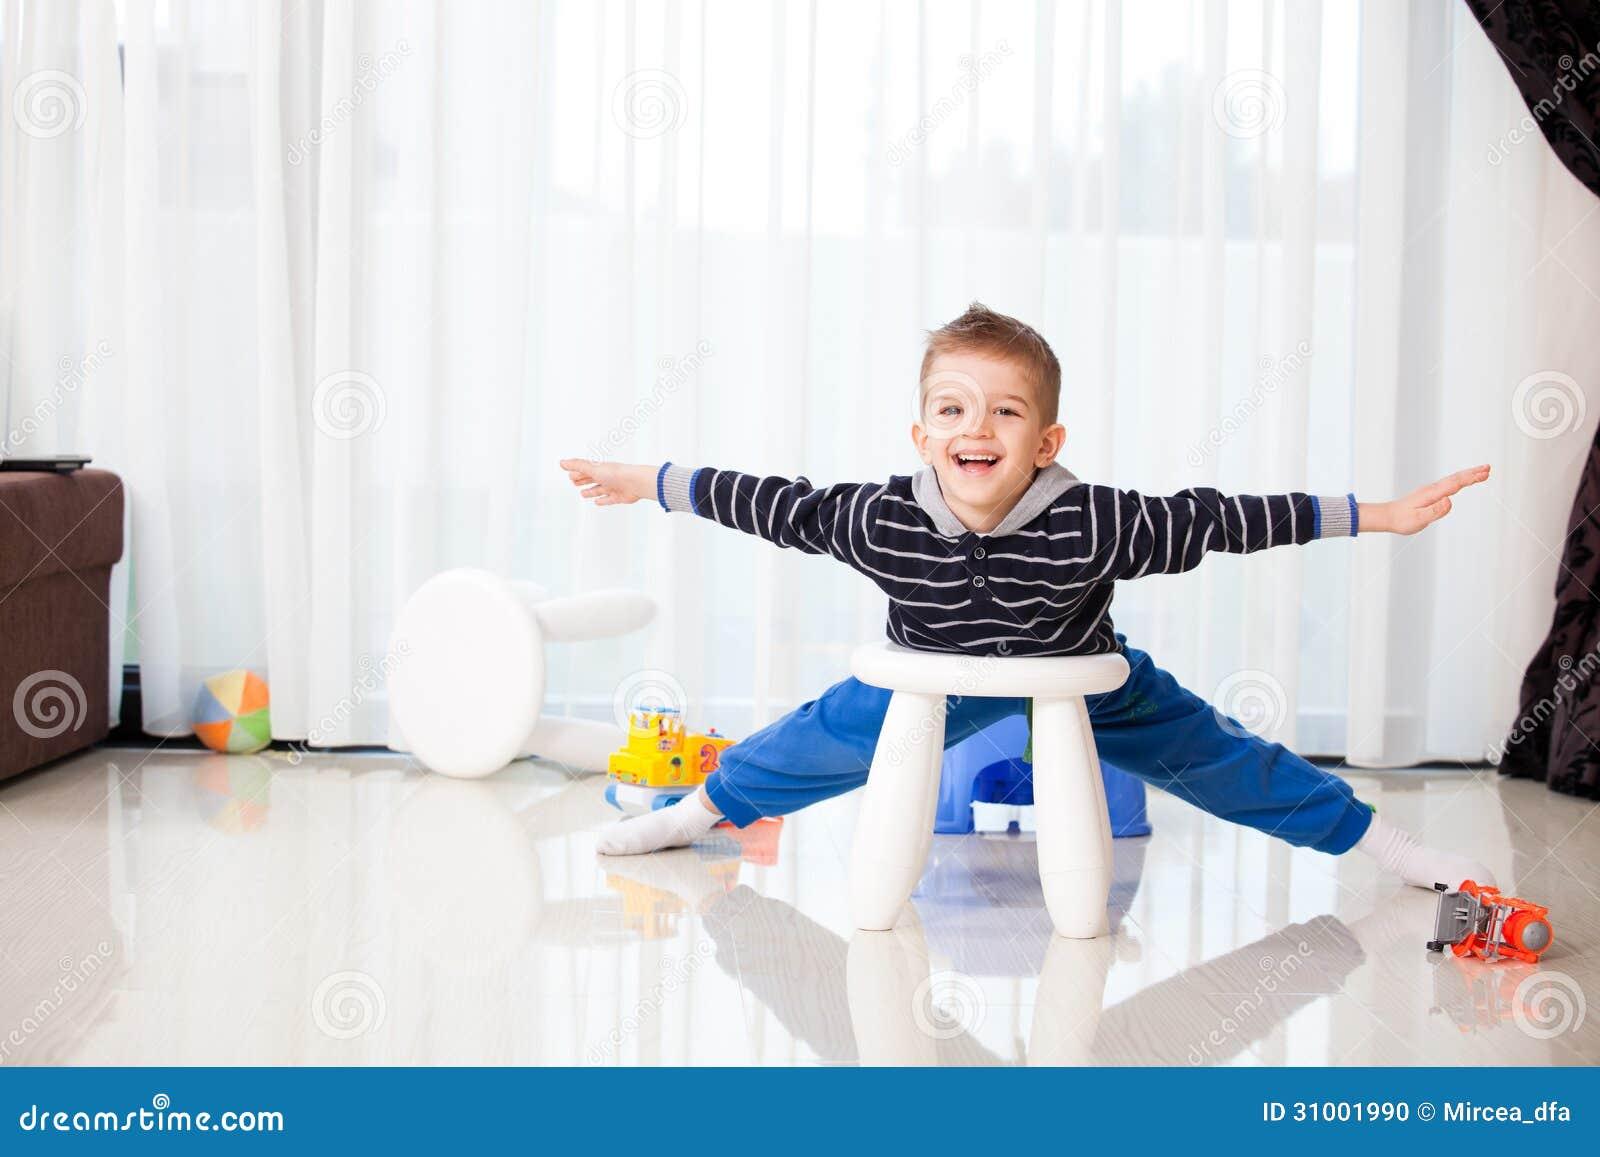 spielendes kind zu hause stockfoto bild von farbe spielen 31001990. Black Bedroom Furniture Sets. Home Design Ideas